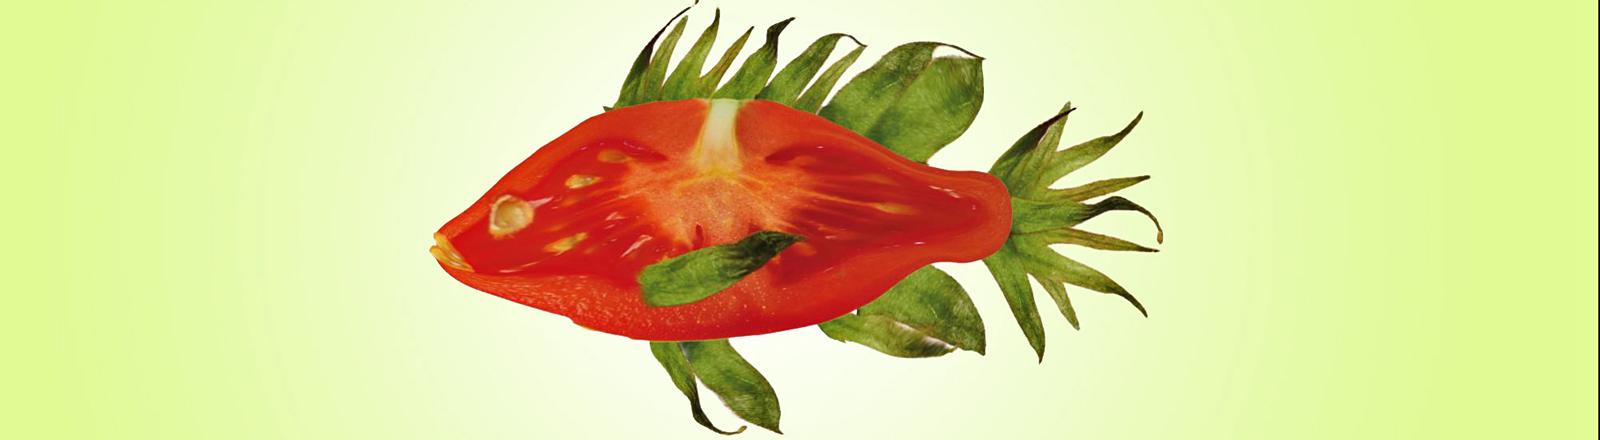 Eine Collage aus einer Tomatenscheibe in Fischform. Die Flossen sind aus Tomatenblättern geformt.